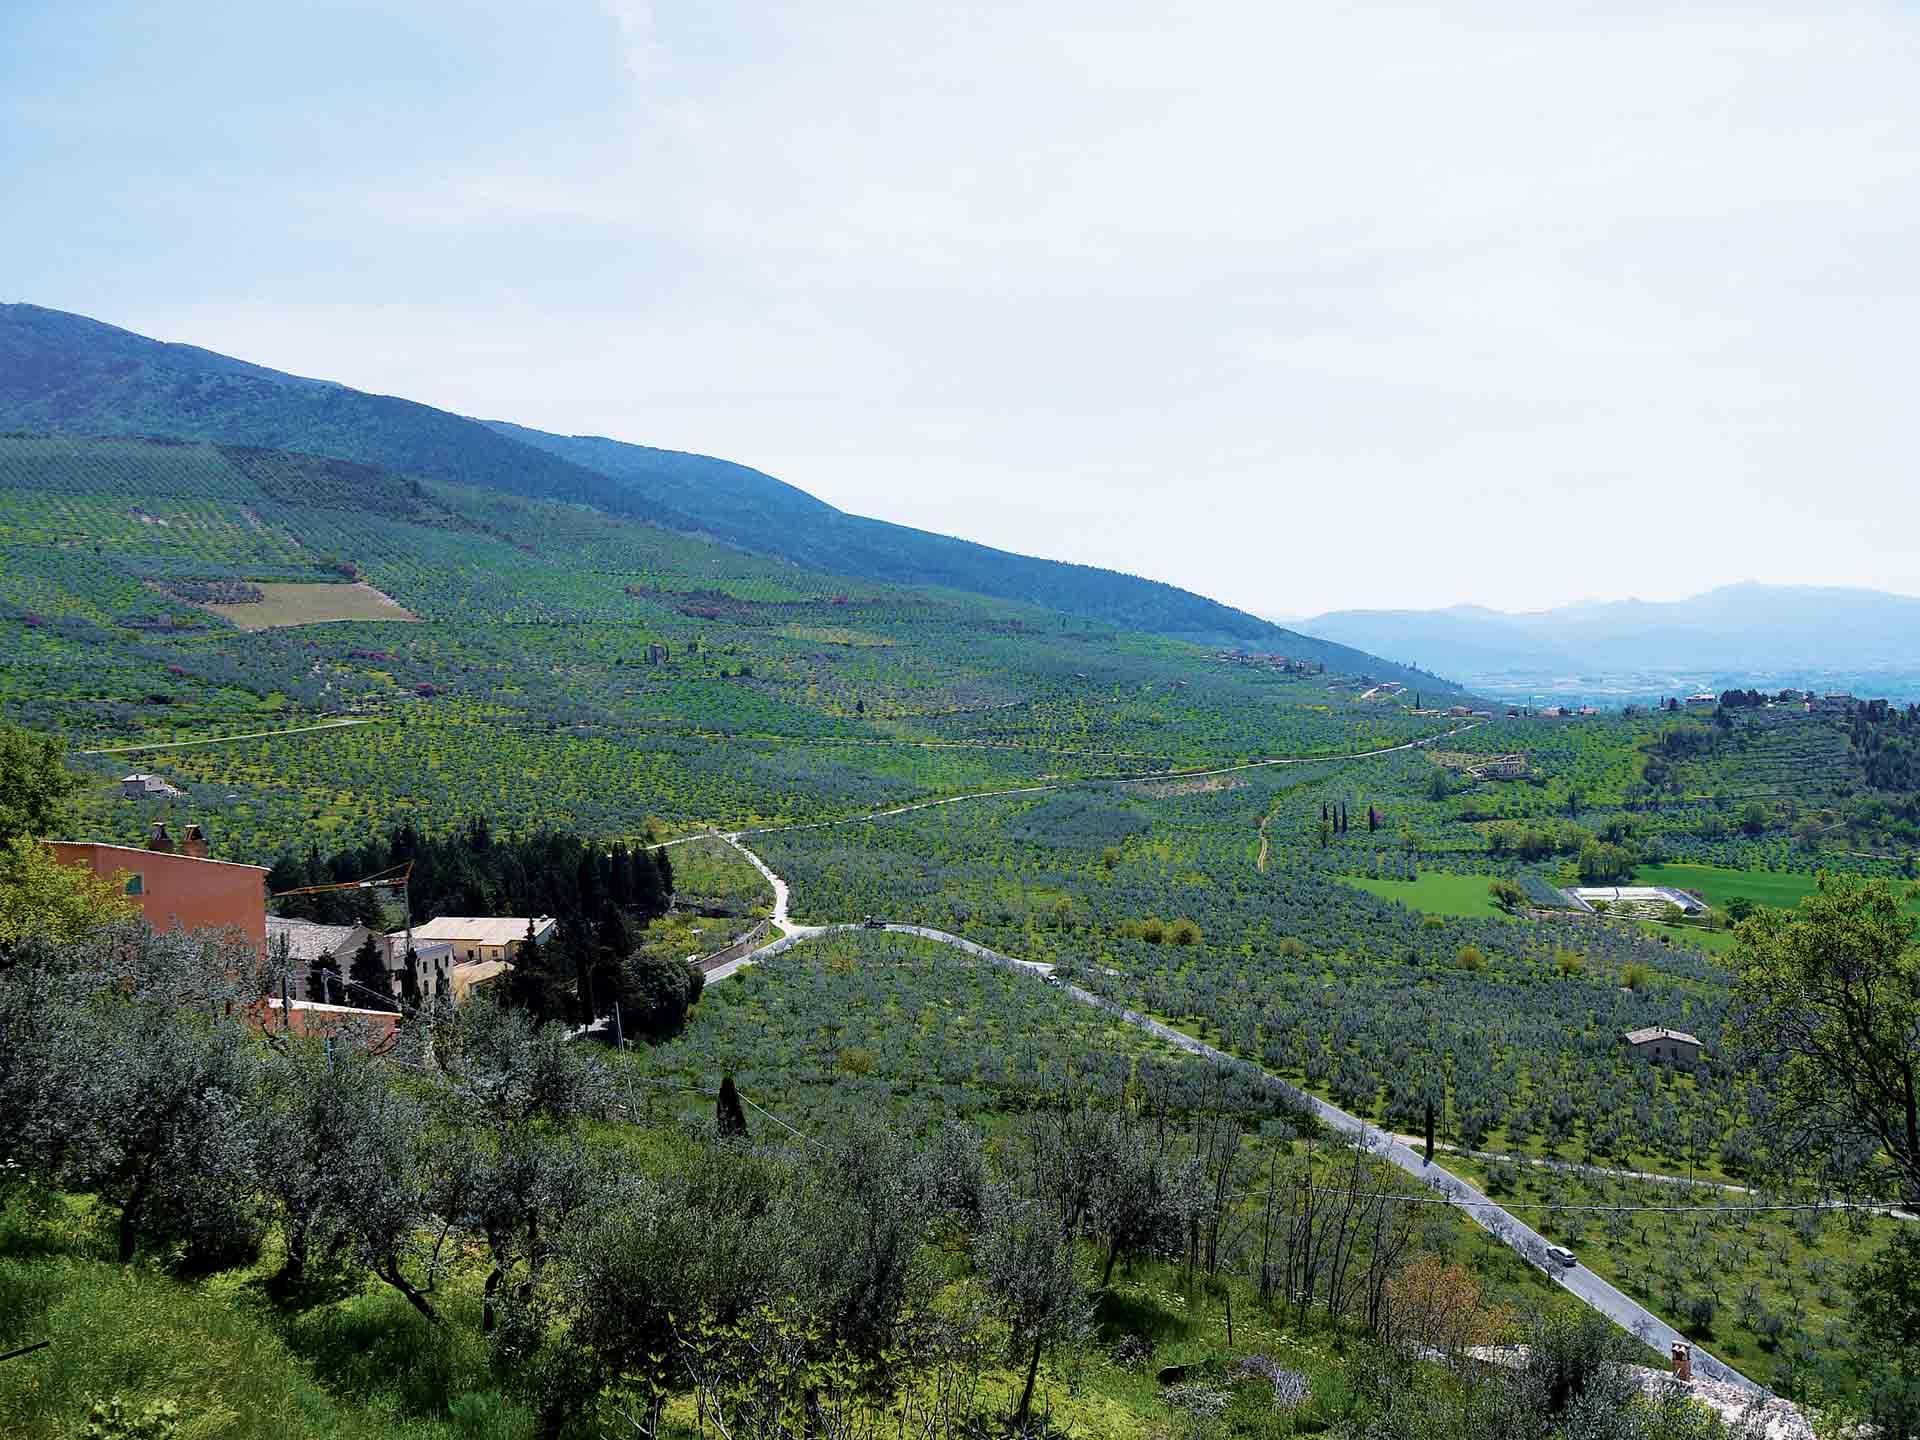 Il Paesaggio olivetato di Trevi - Foto di Giampaolo Filippucci & Tiziana Ravagli